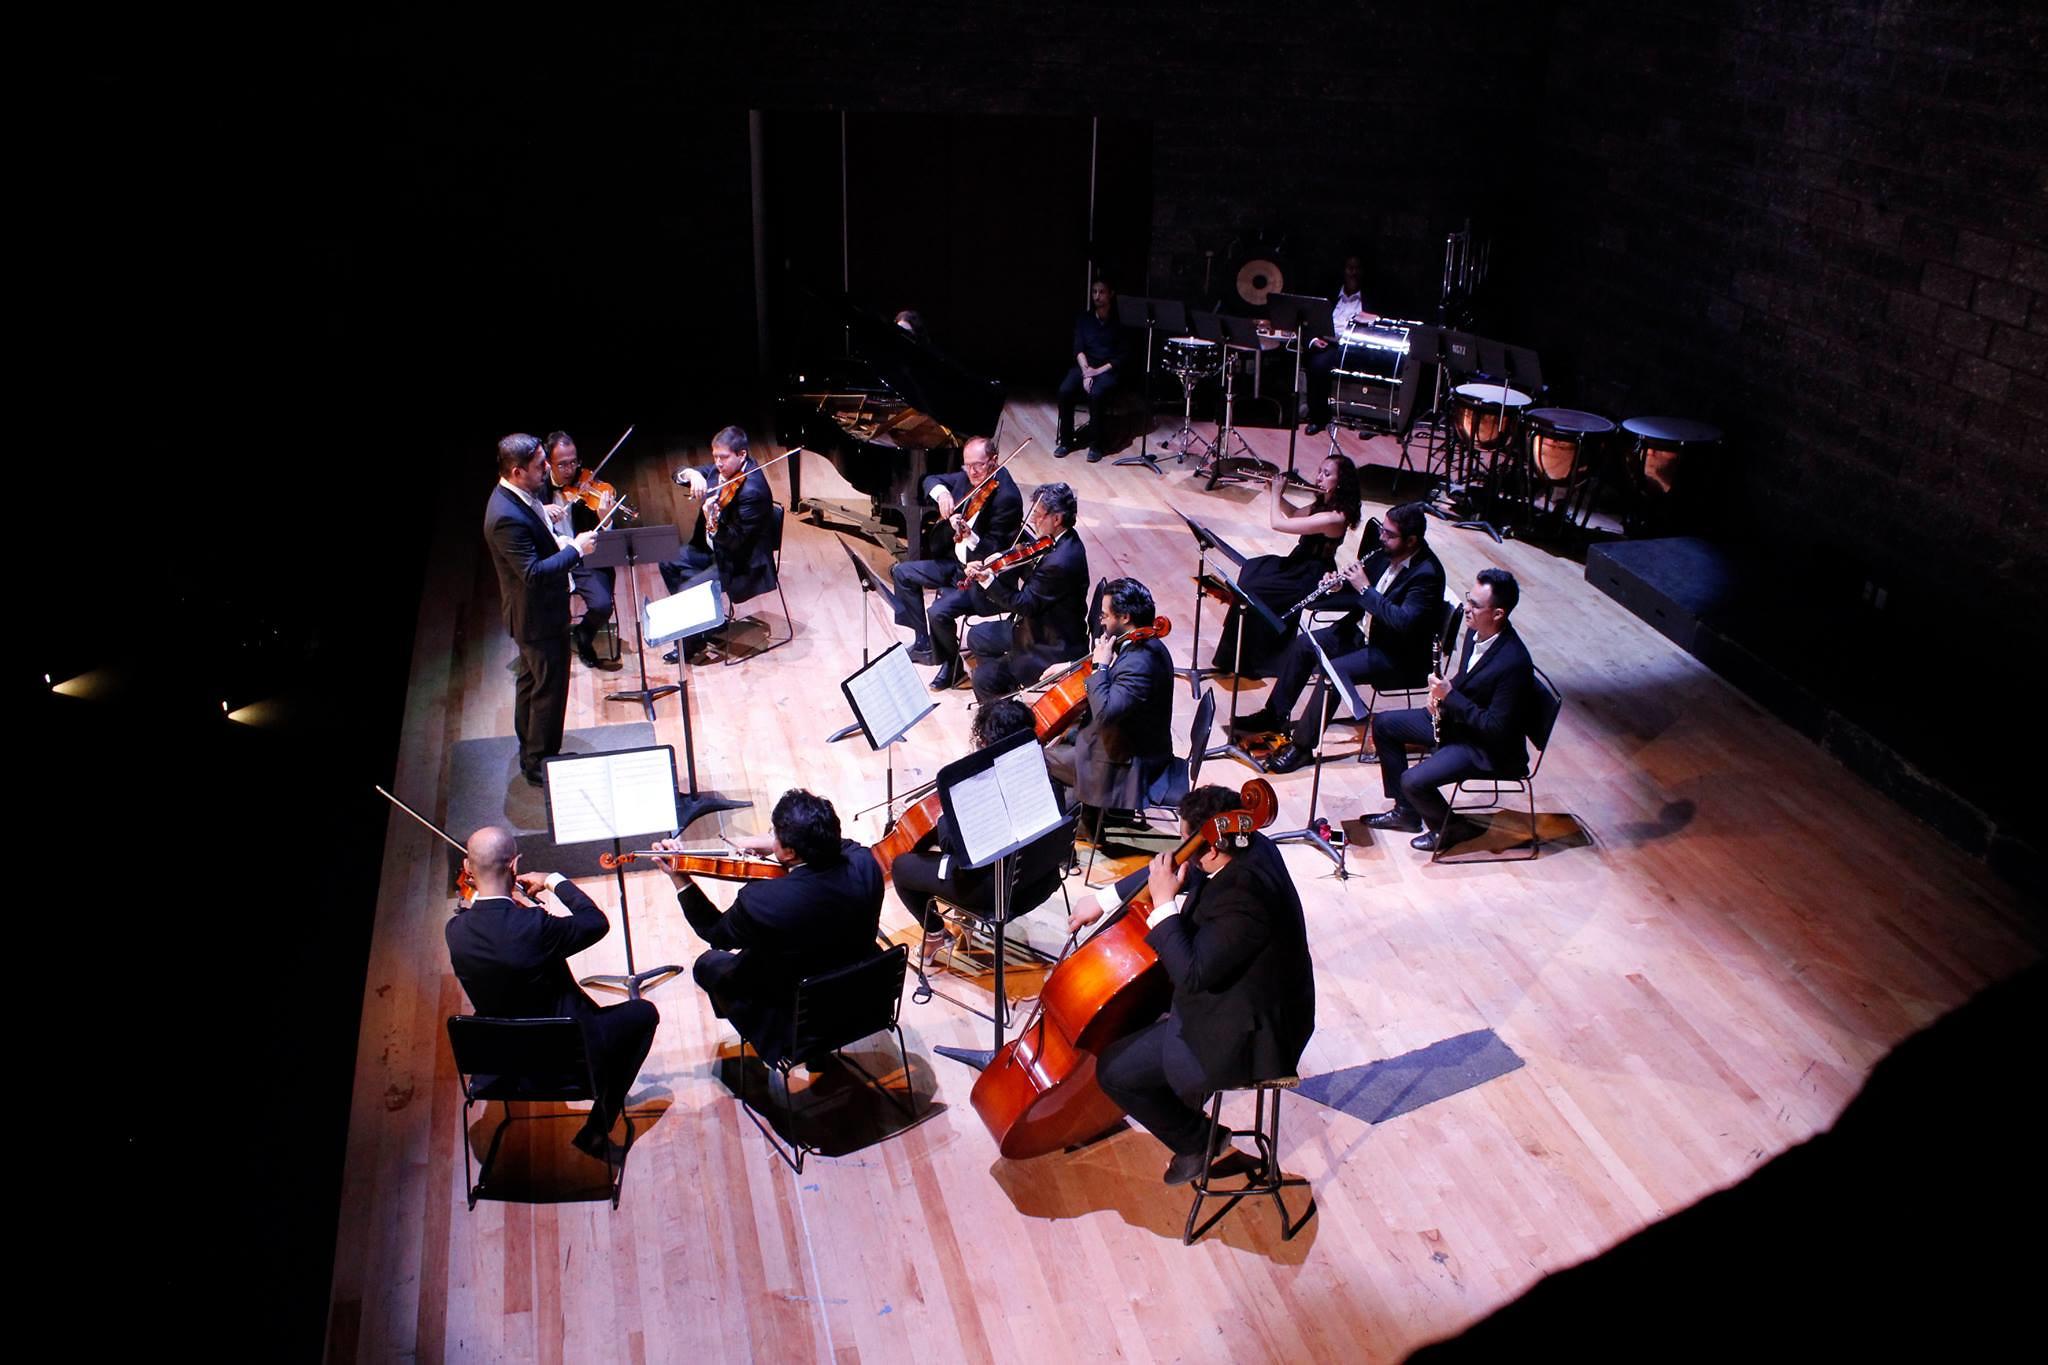 La Orquesta de Cámara de Zapopan presenta recital con David Rodríguez como pianista invitado